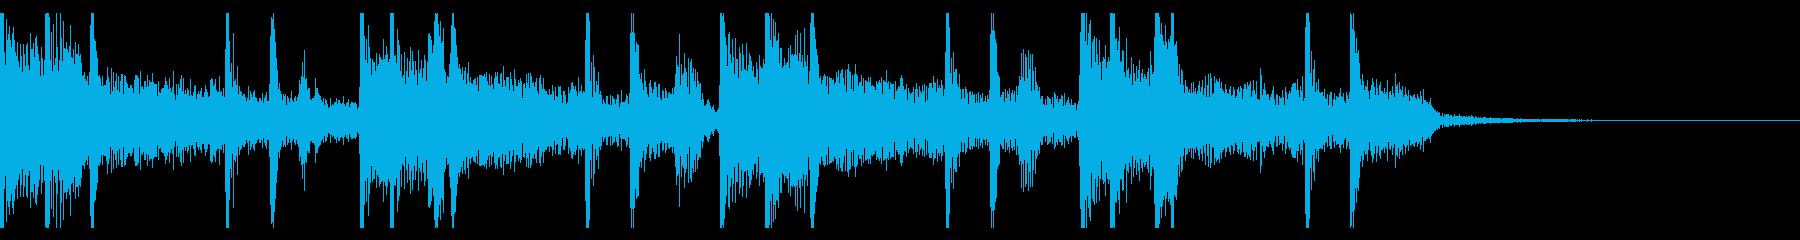 お洒落でクールなネオソウルジングルの再生済みの波形